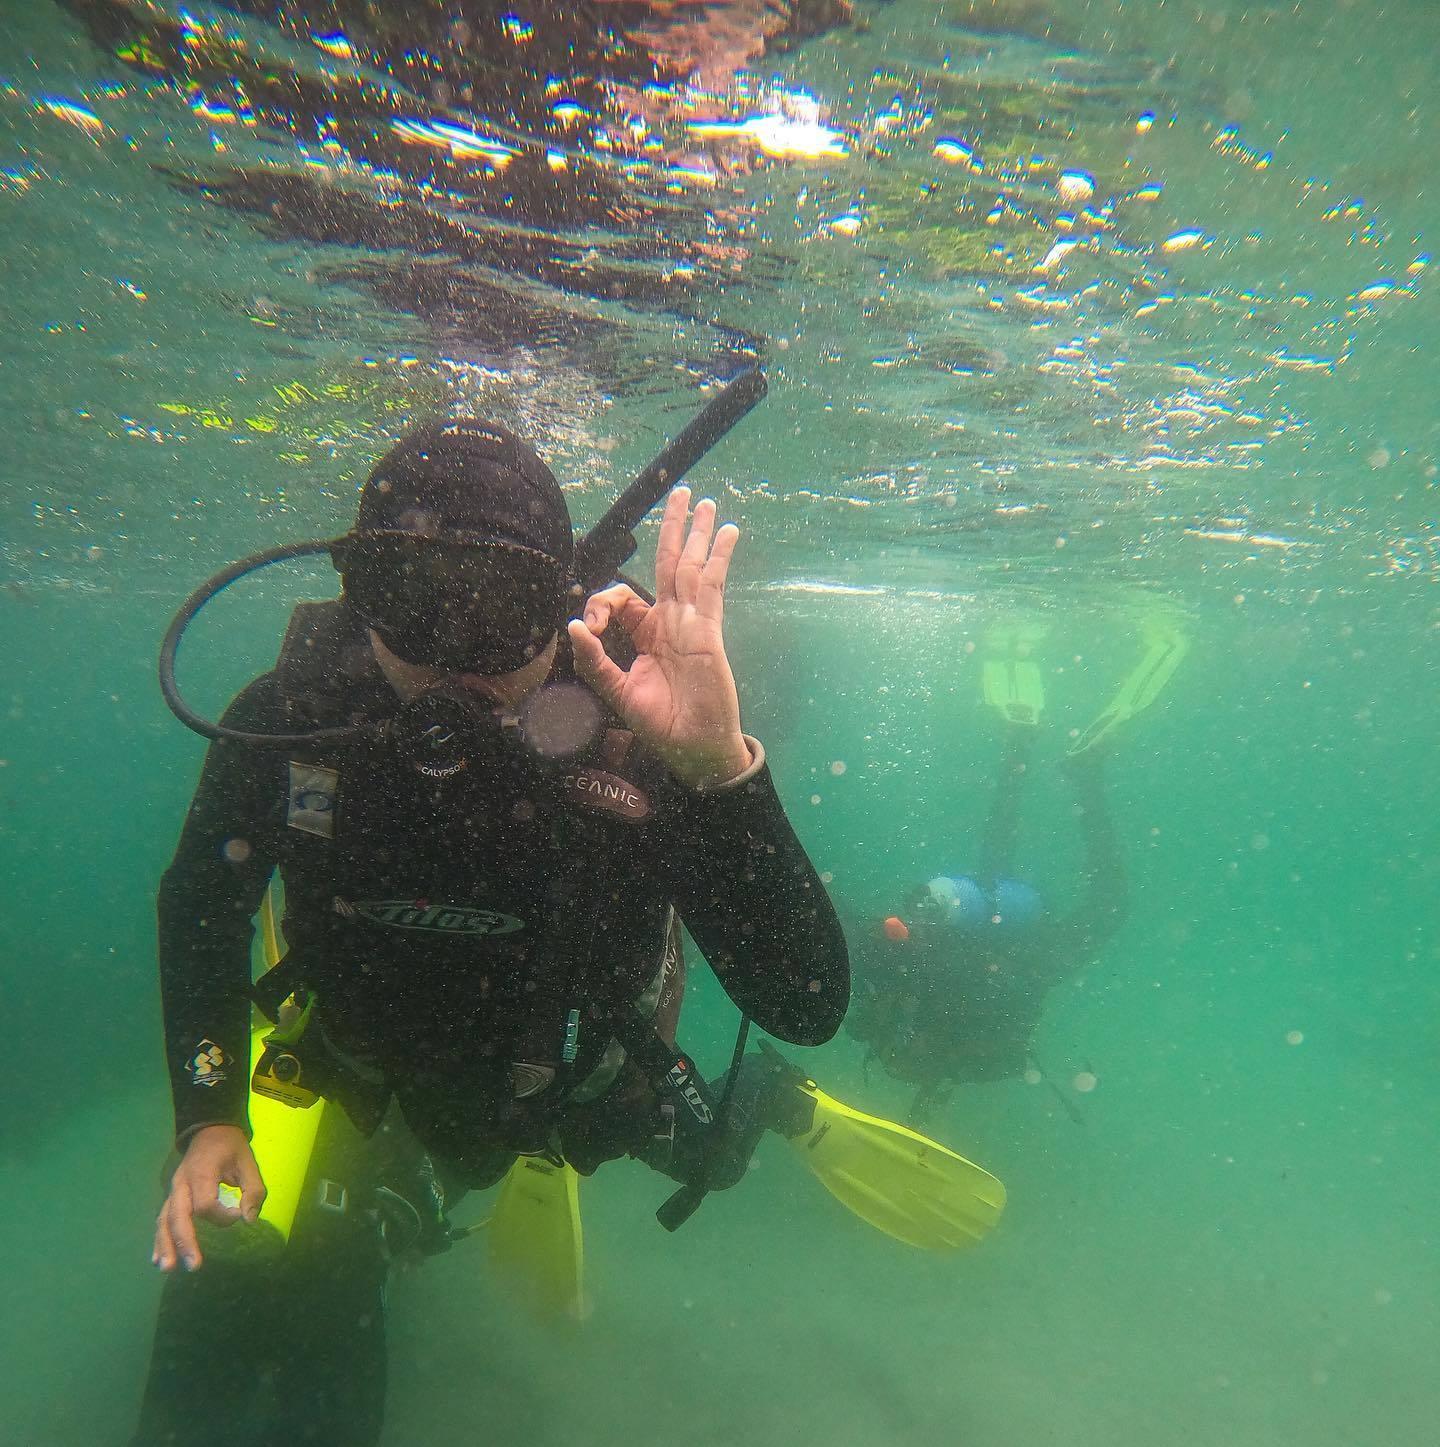 Curso PADI Open Water Diver en Antofagasta